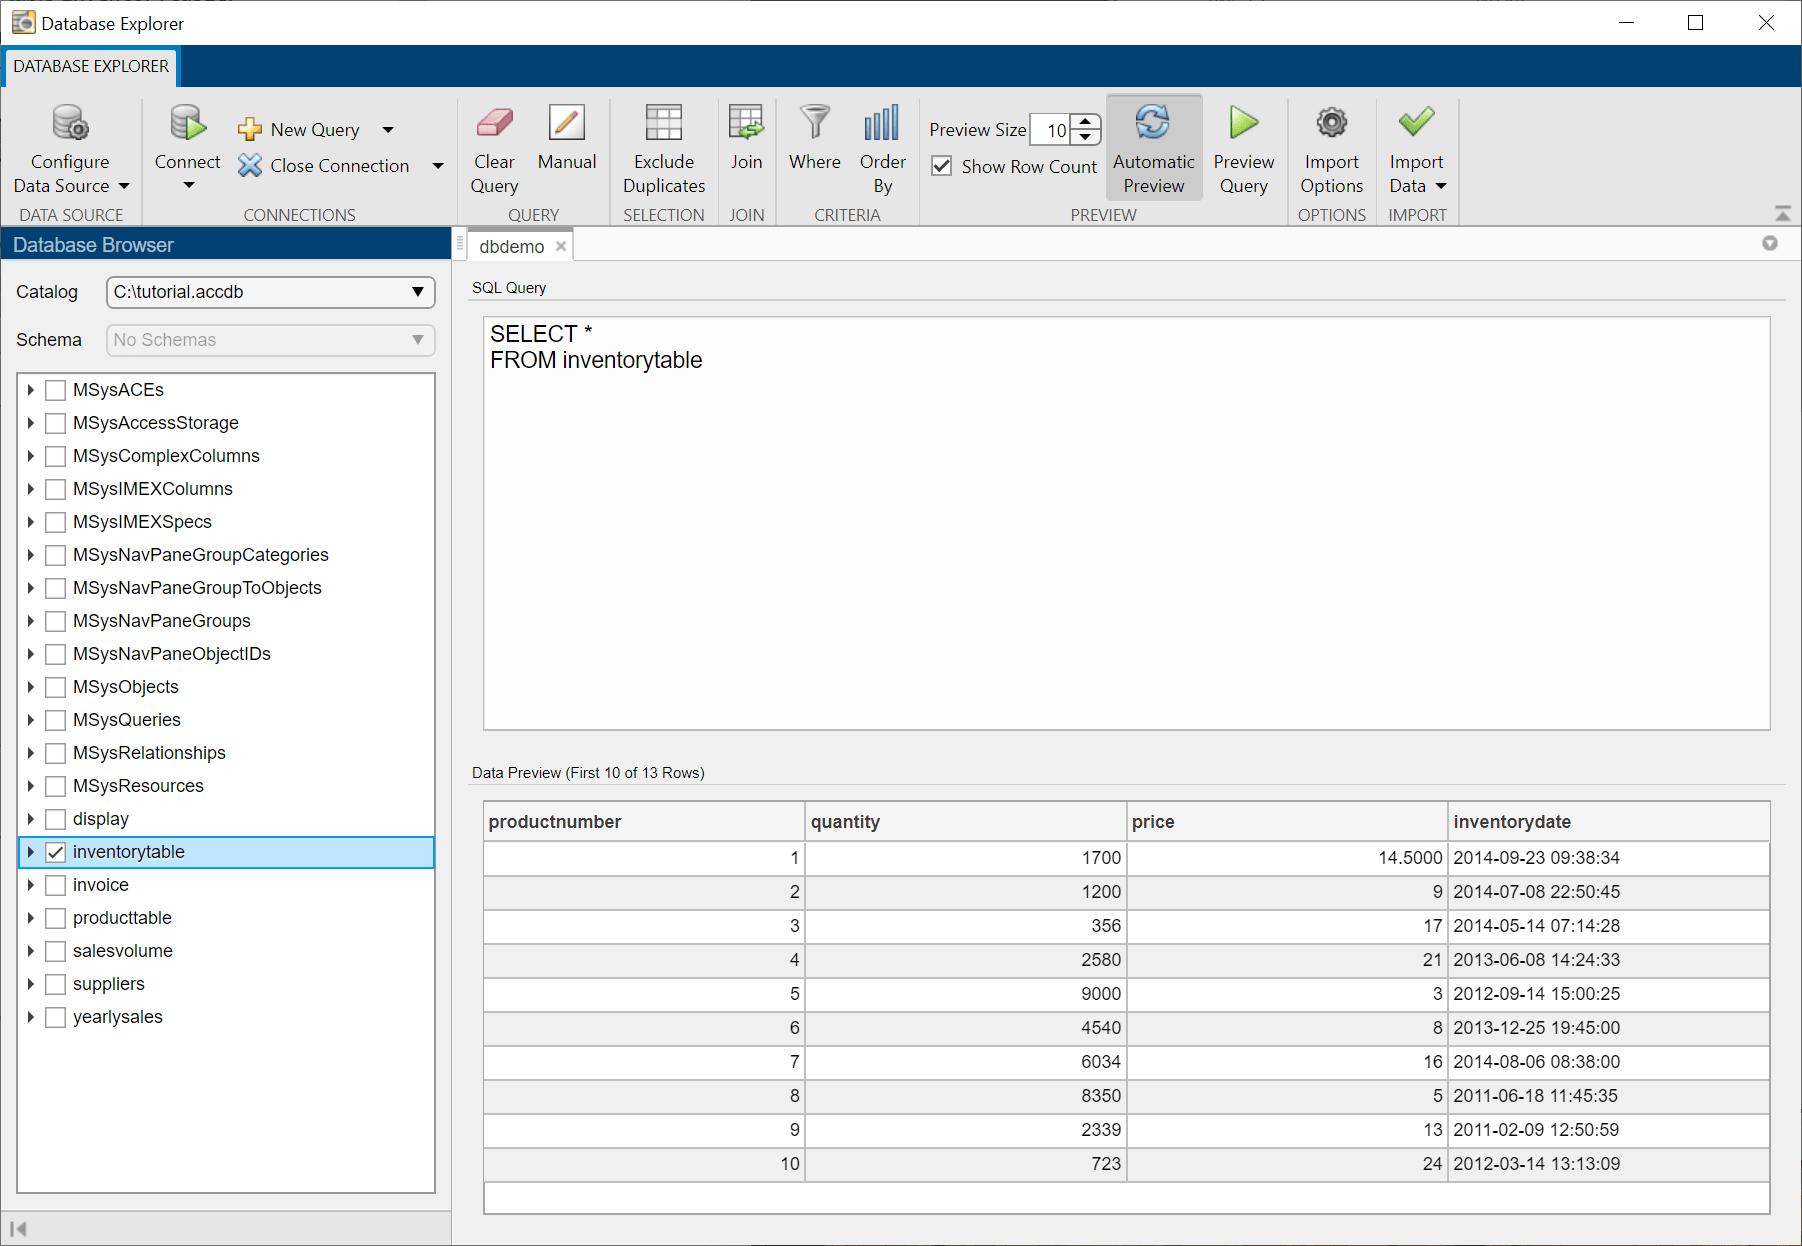 Data Preview Using Database Explorer App - MATLAB & Simulink